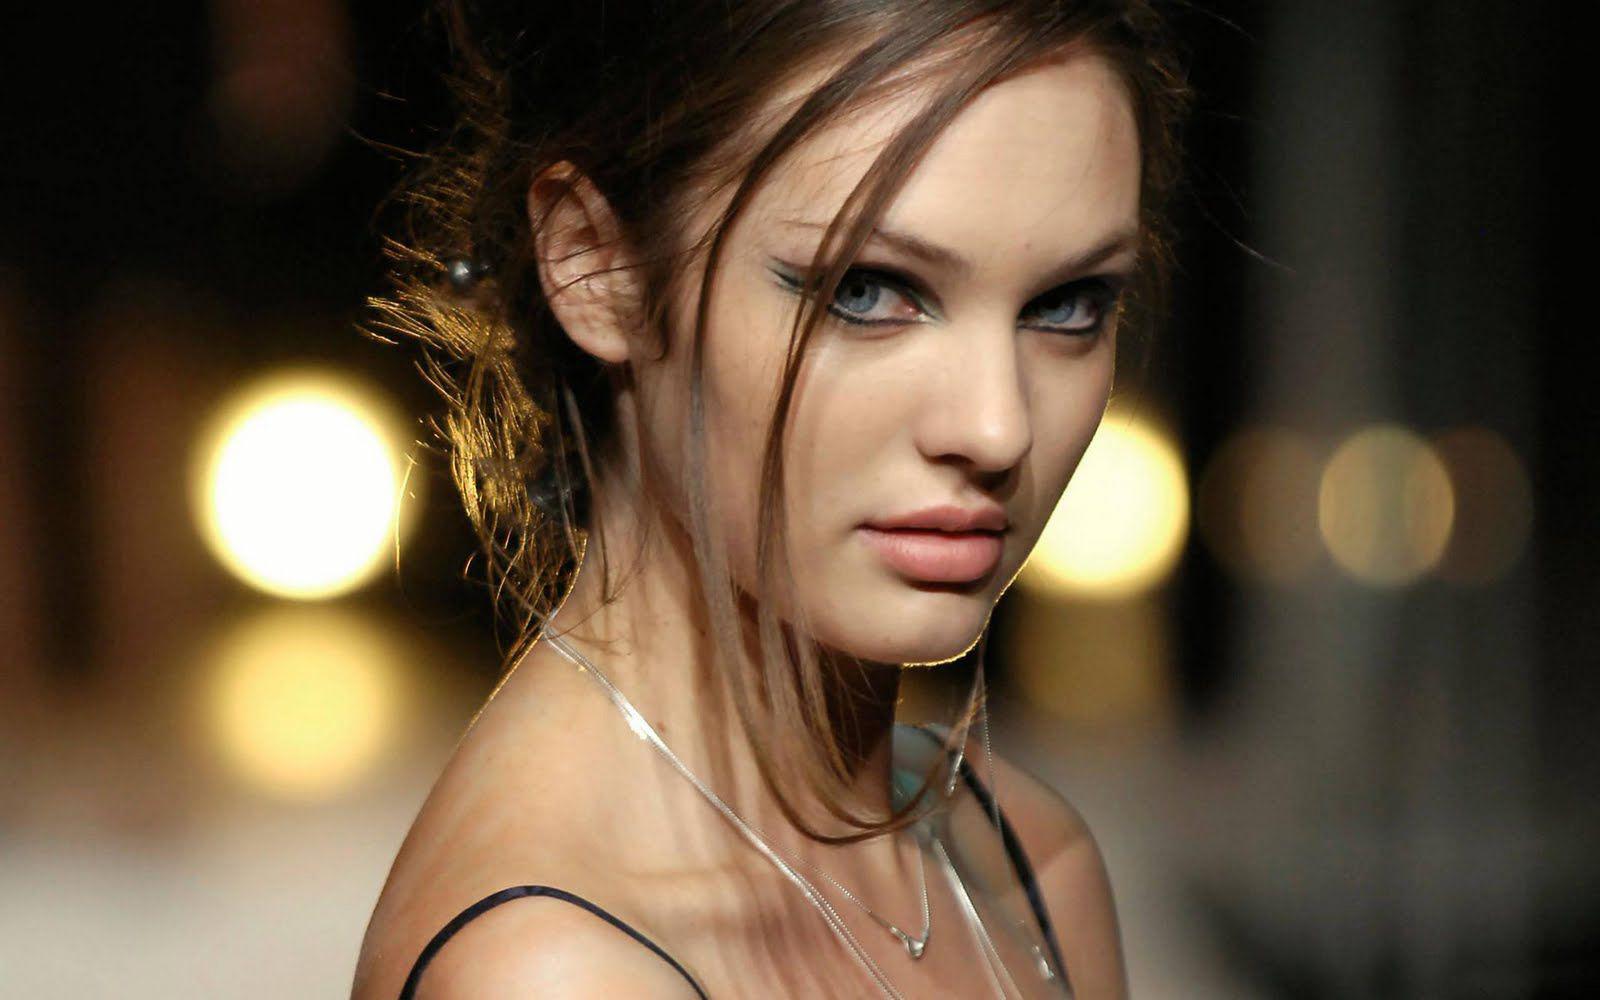 بالصور اجمل بنات العالم , صور جميله للبنات 5833 14